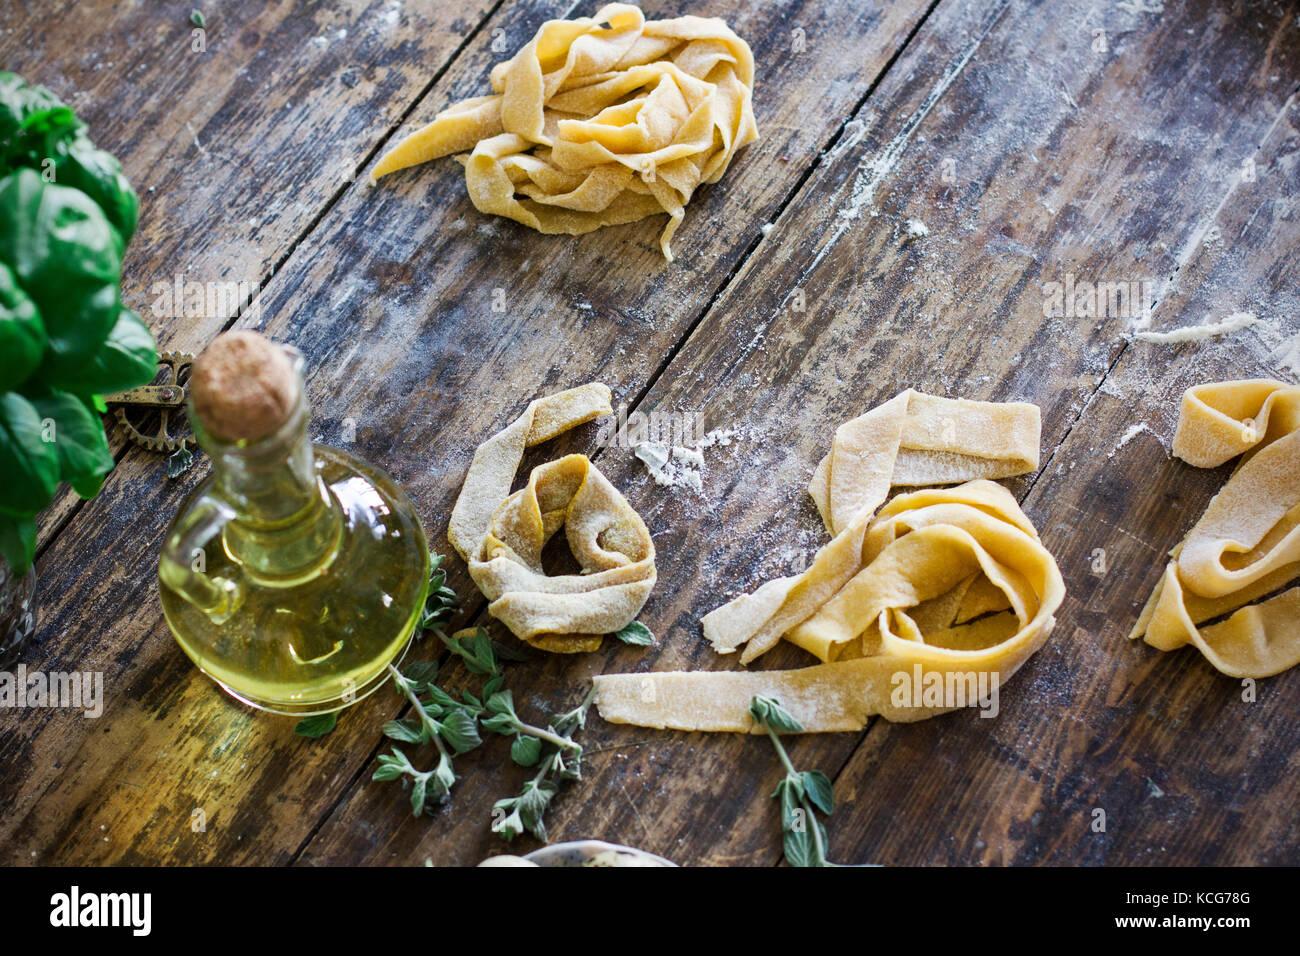 Matières des pâtes sur table en bois Photo Stock